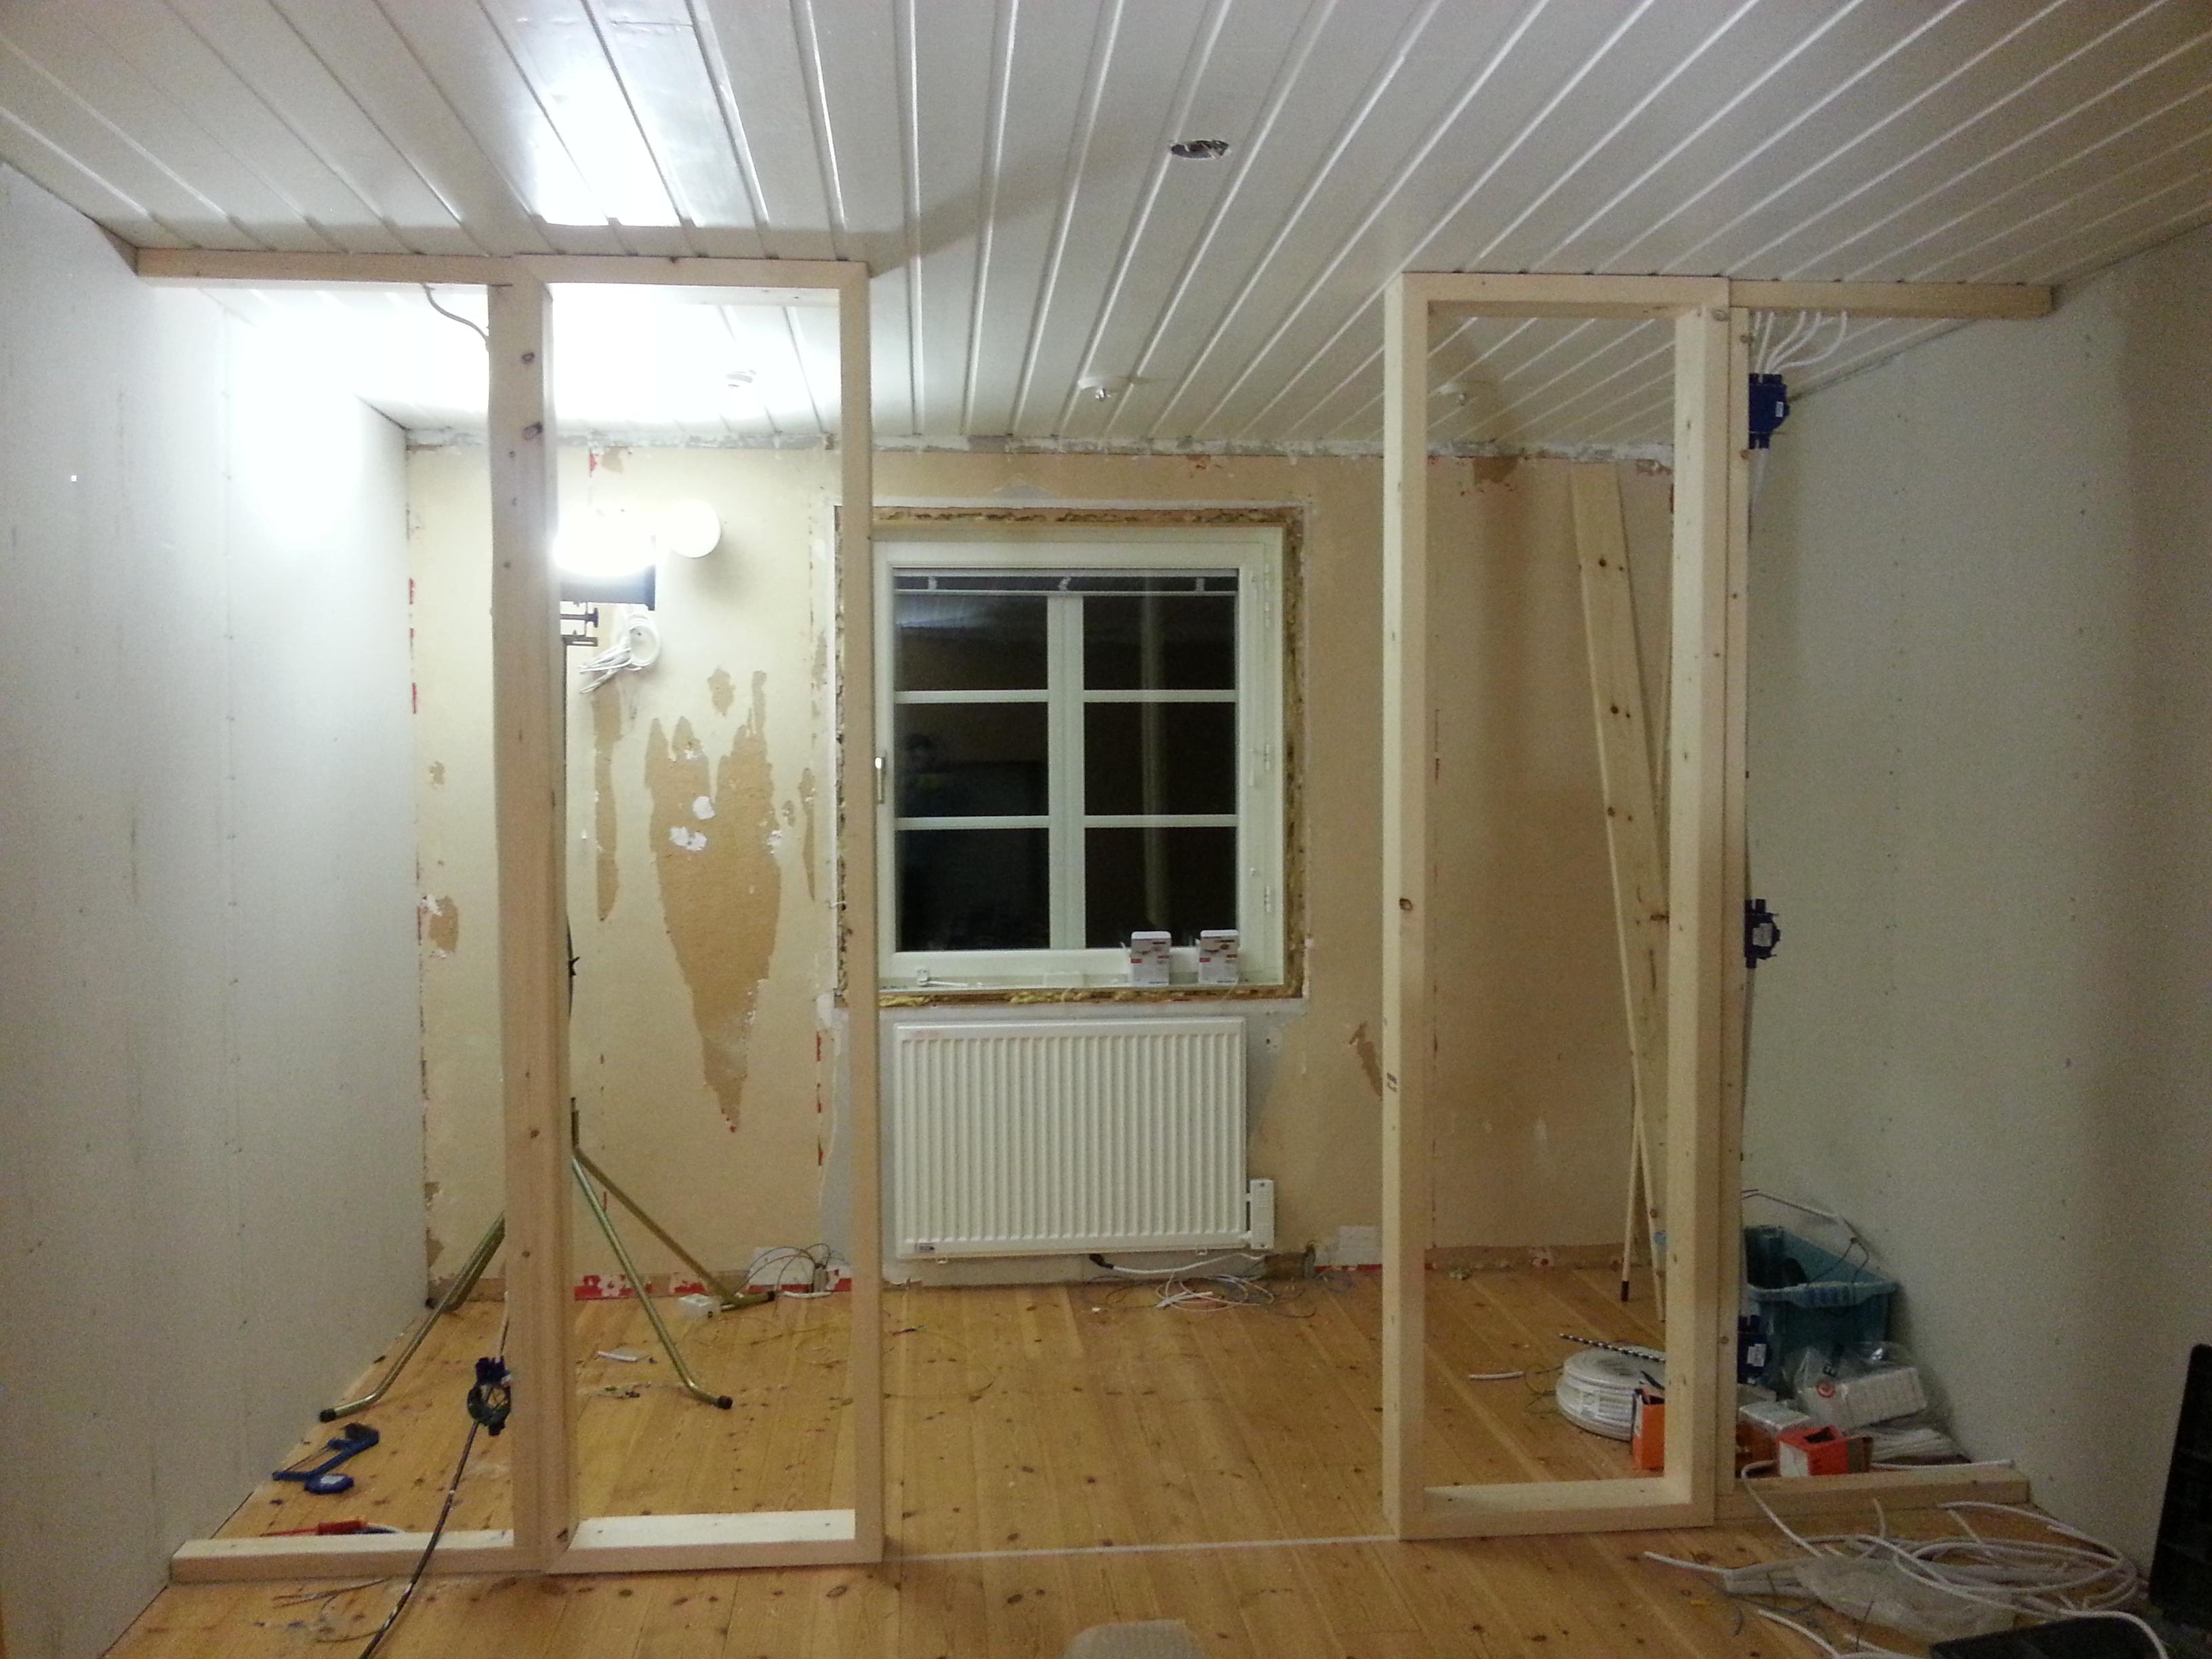 Guarda Roupa Wink ~ Bygga Garderob Snedtak Top Garderob Snedtak Ikea Renoverat Sovrum Fre Och Efterbilder Hemma Hos